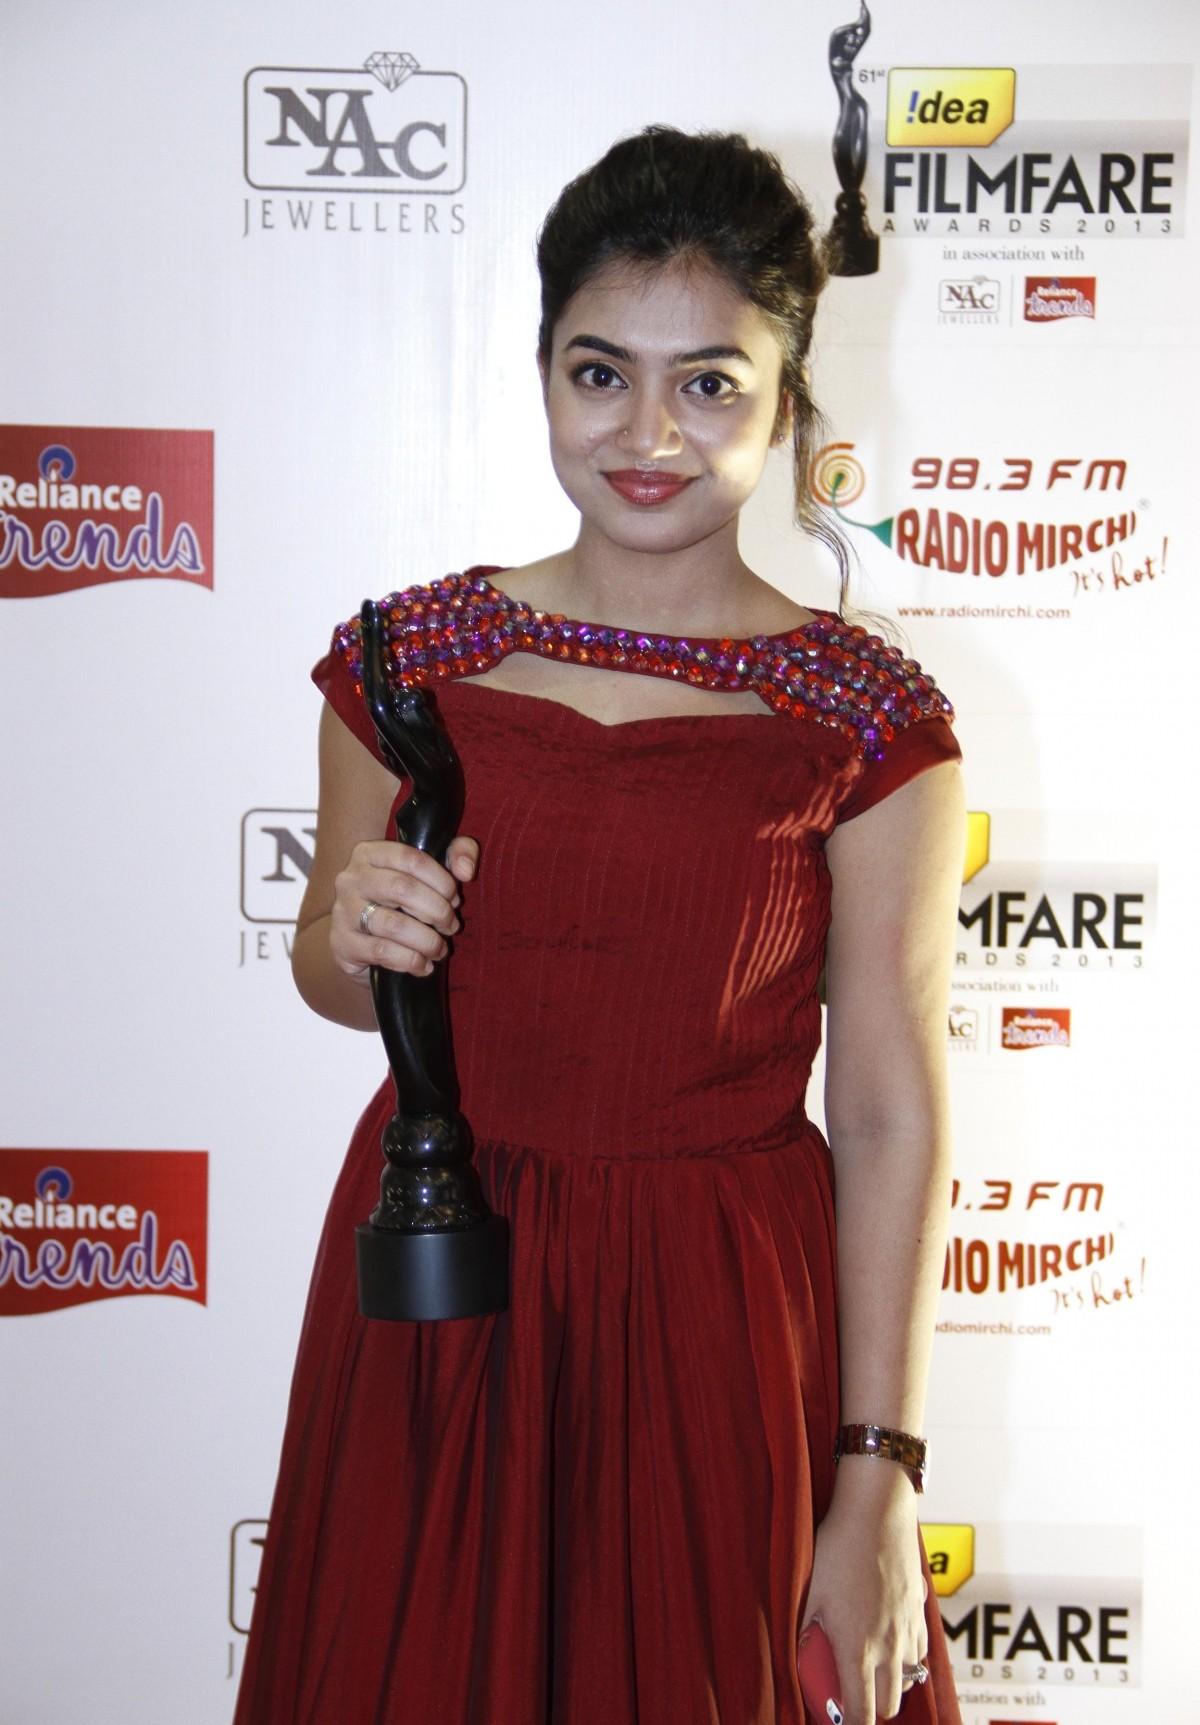 Nazriya Nazin